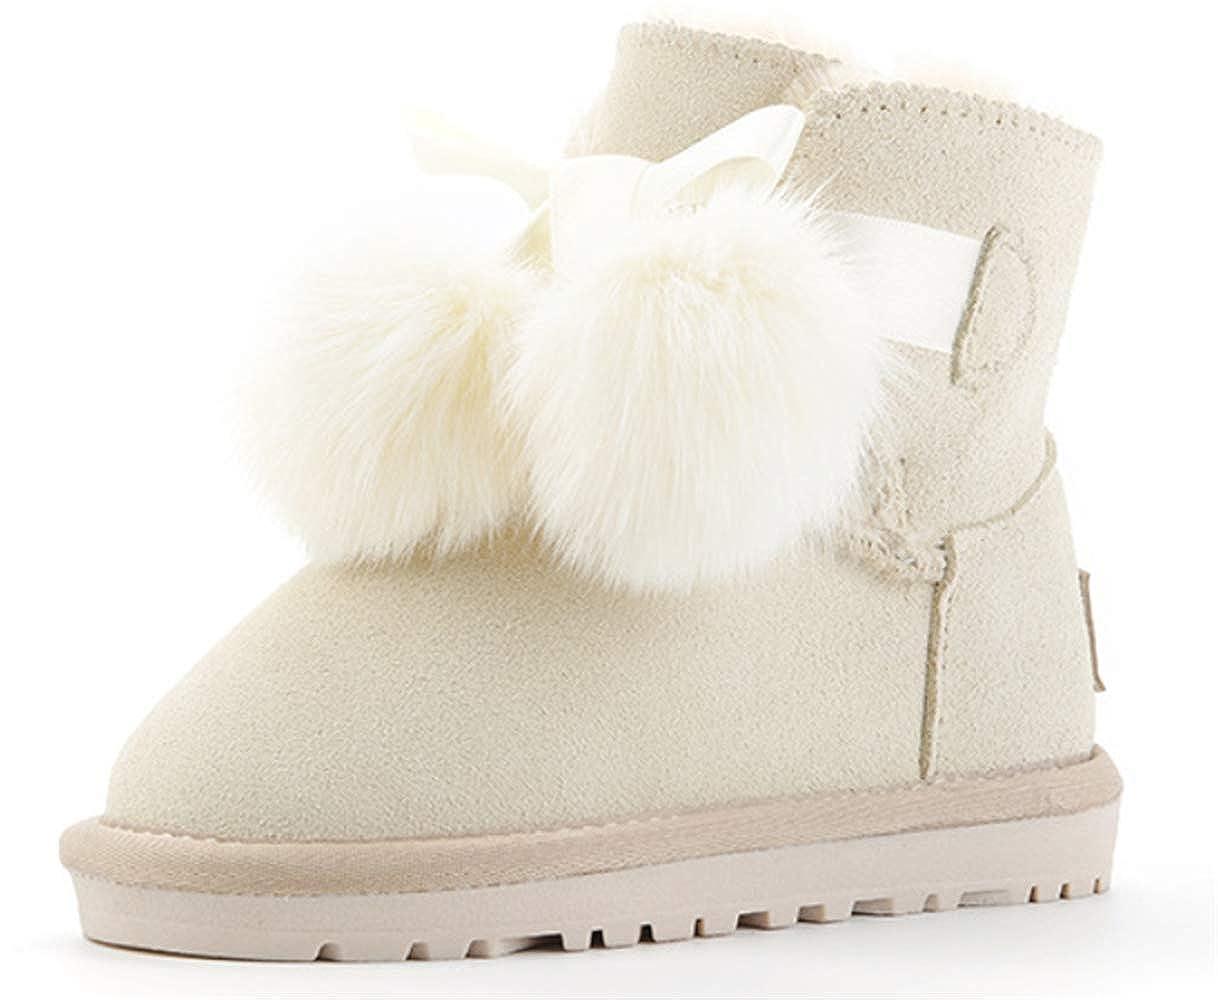 YOGLY Bottes Enfant Fille B/éb/é Chaussures dhiver Fourrure Chaudes Antid/érapant Boots Gar/çon Bottes Hiver Apres Ski